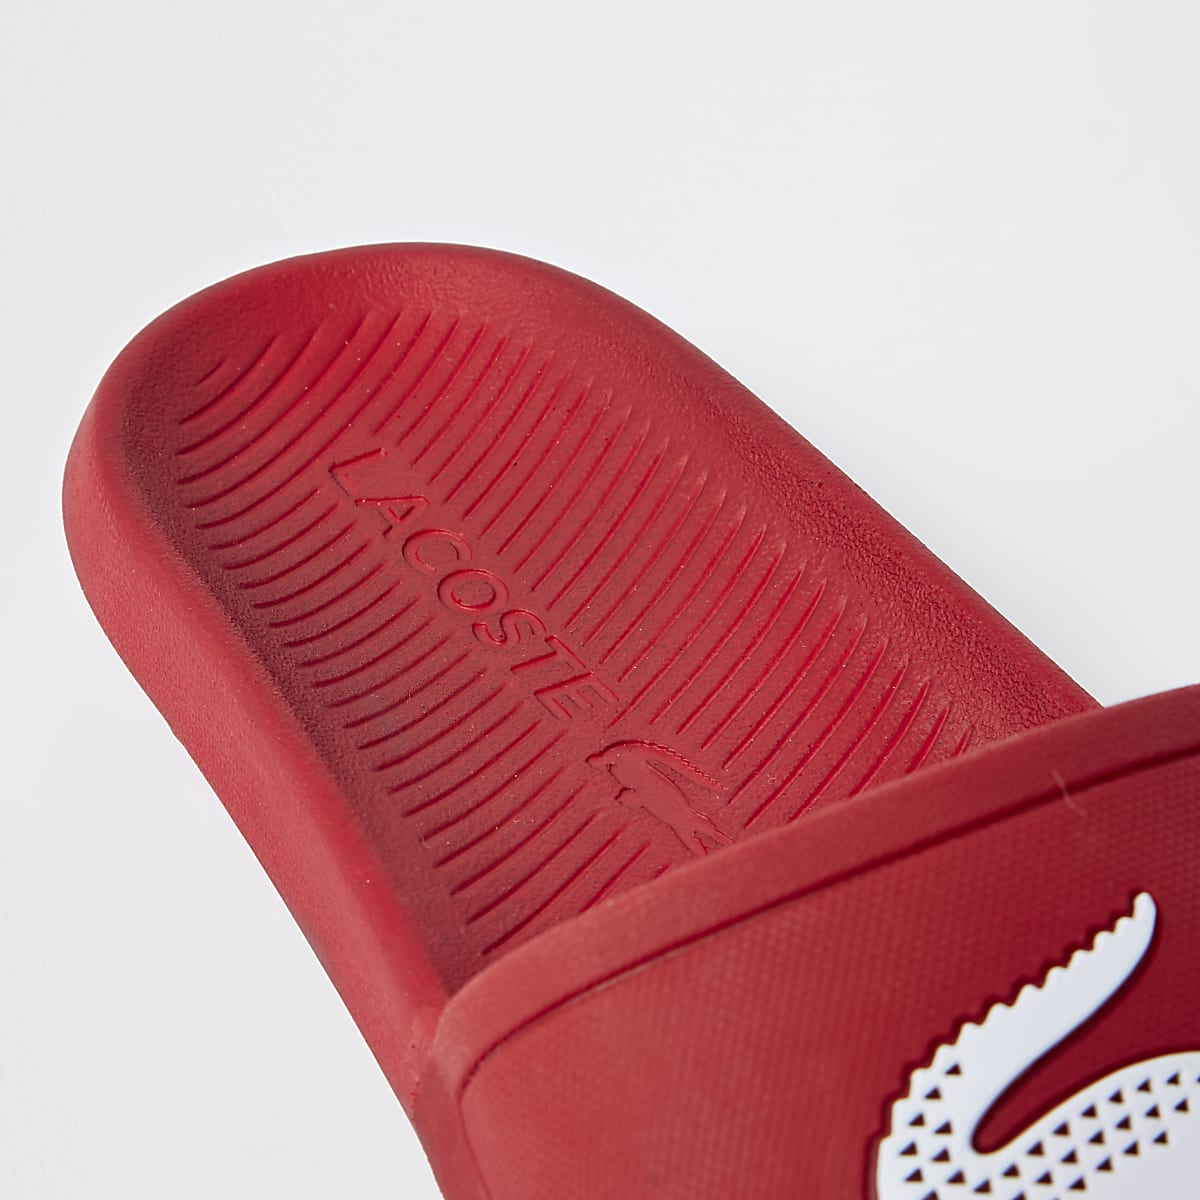 Dodatkowe Lacoste red sliders - Sandals / Flip flops - Shoes & Boots - men DF02